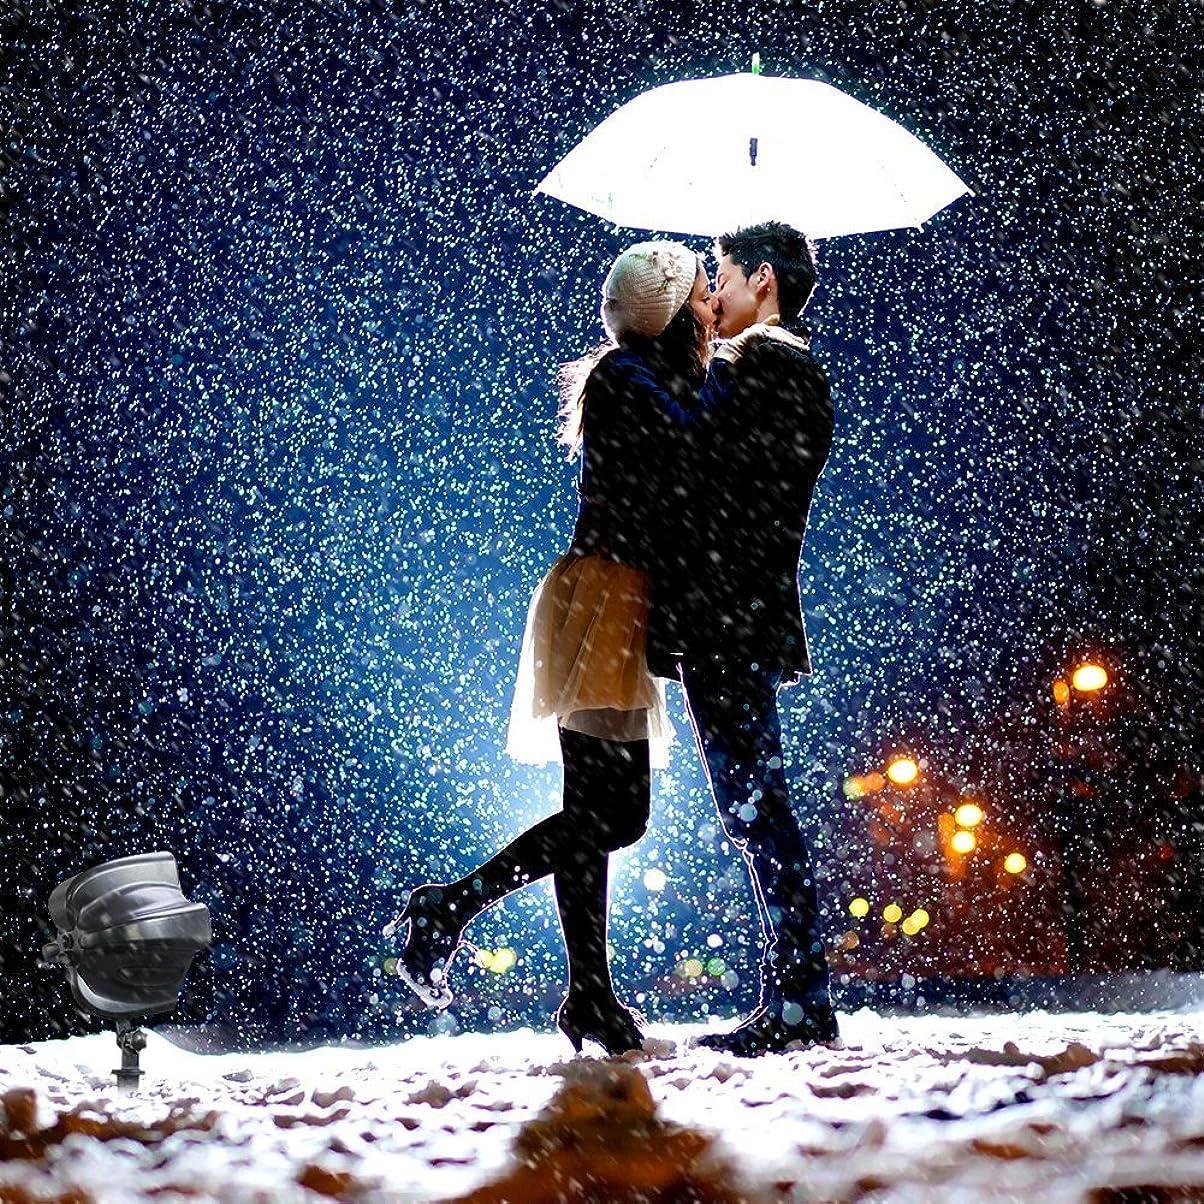 楽な手数料最後の雪投影クリスマスライト バレンタインデー ロマンチック スポットライト防水 リモコン 屋外 LEDイルミネーション パーティー /KTV//誕生日/ステージ/ 結婚式 イベント/バレンタインデー